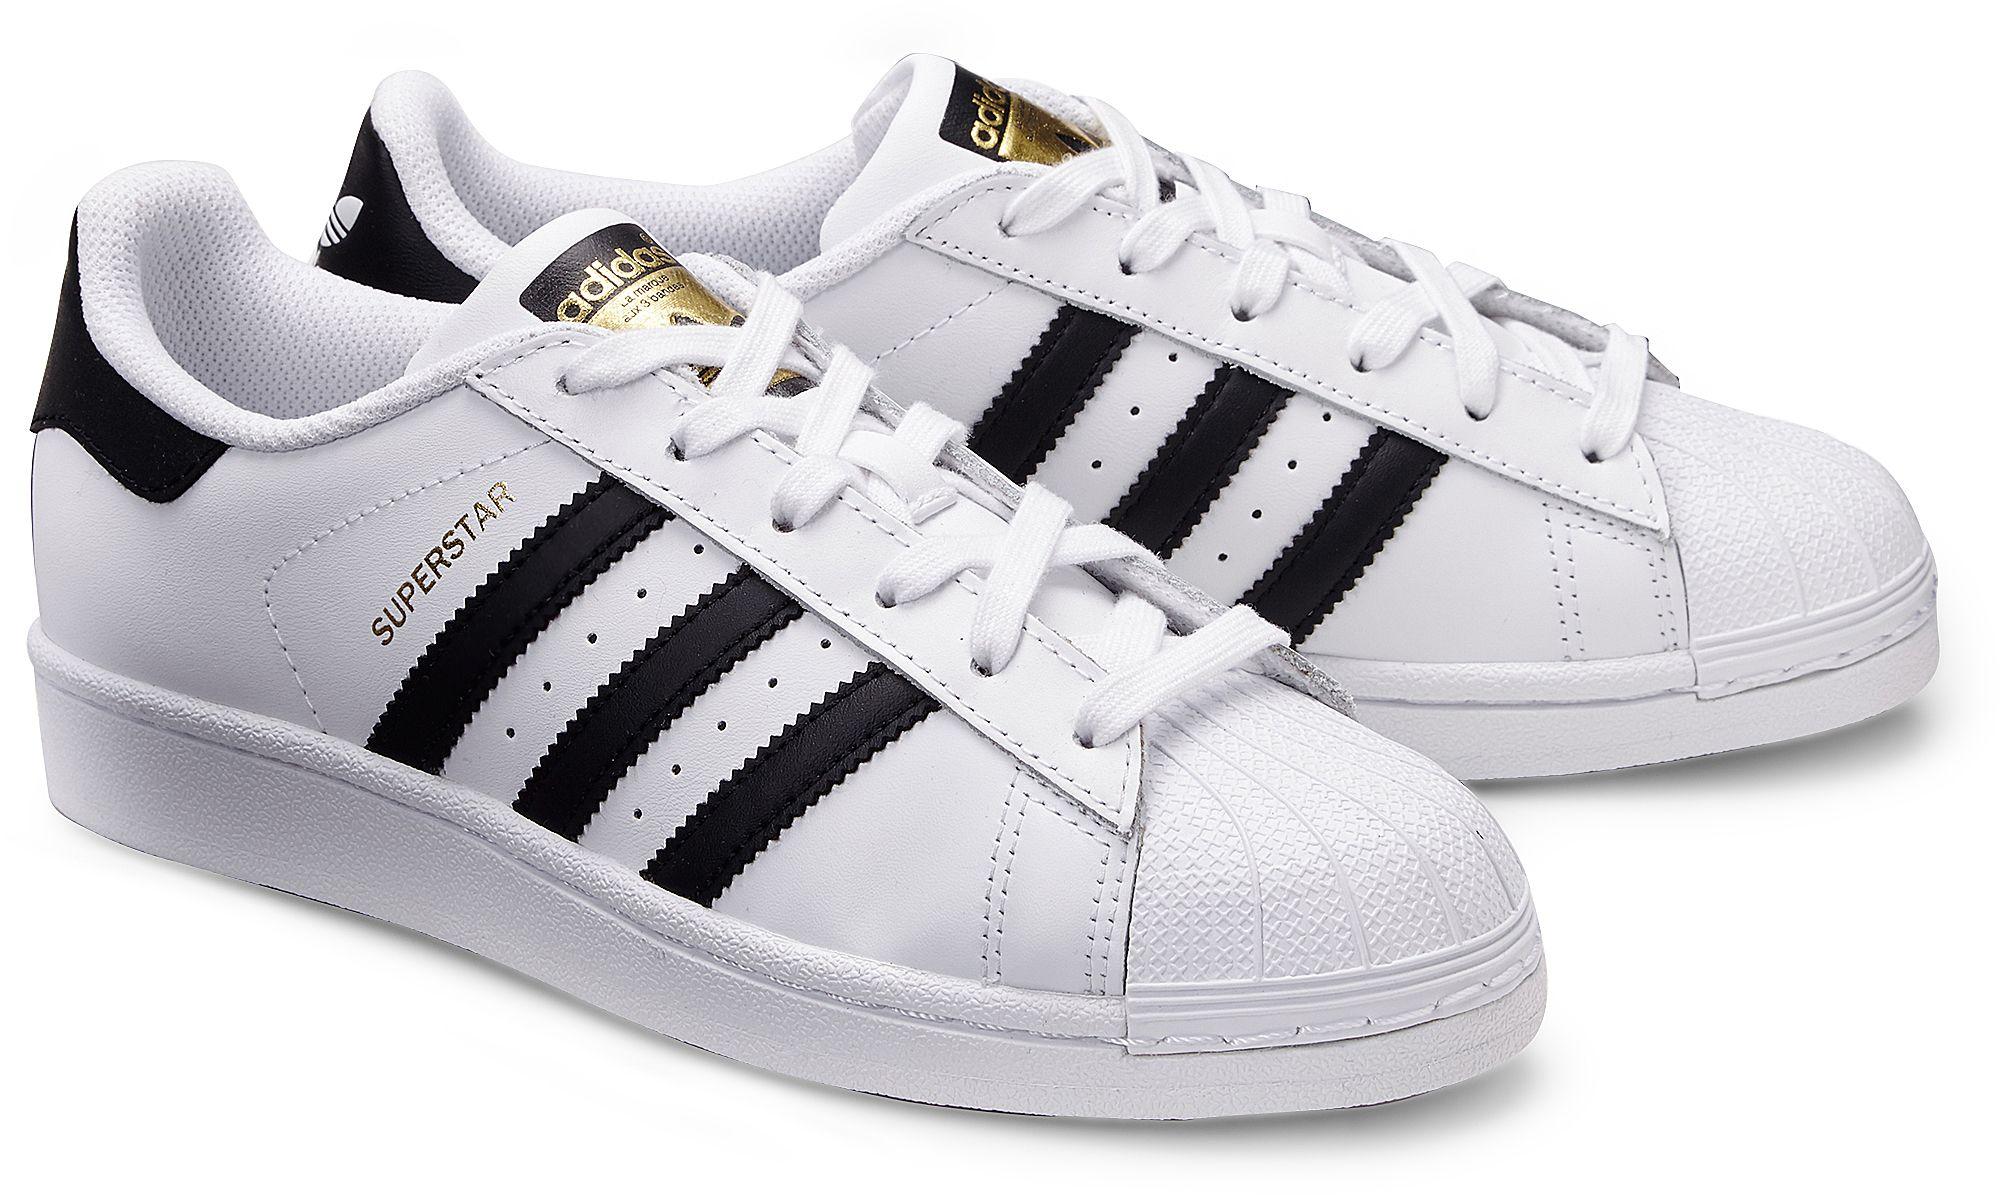 adidas Schuhe für Mädchen günstig kaufen | eBay